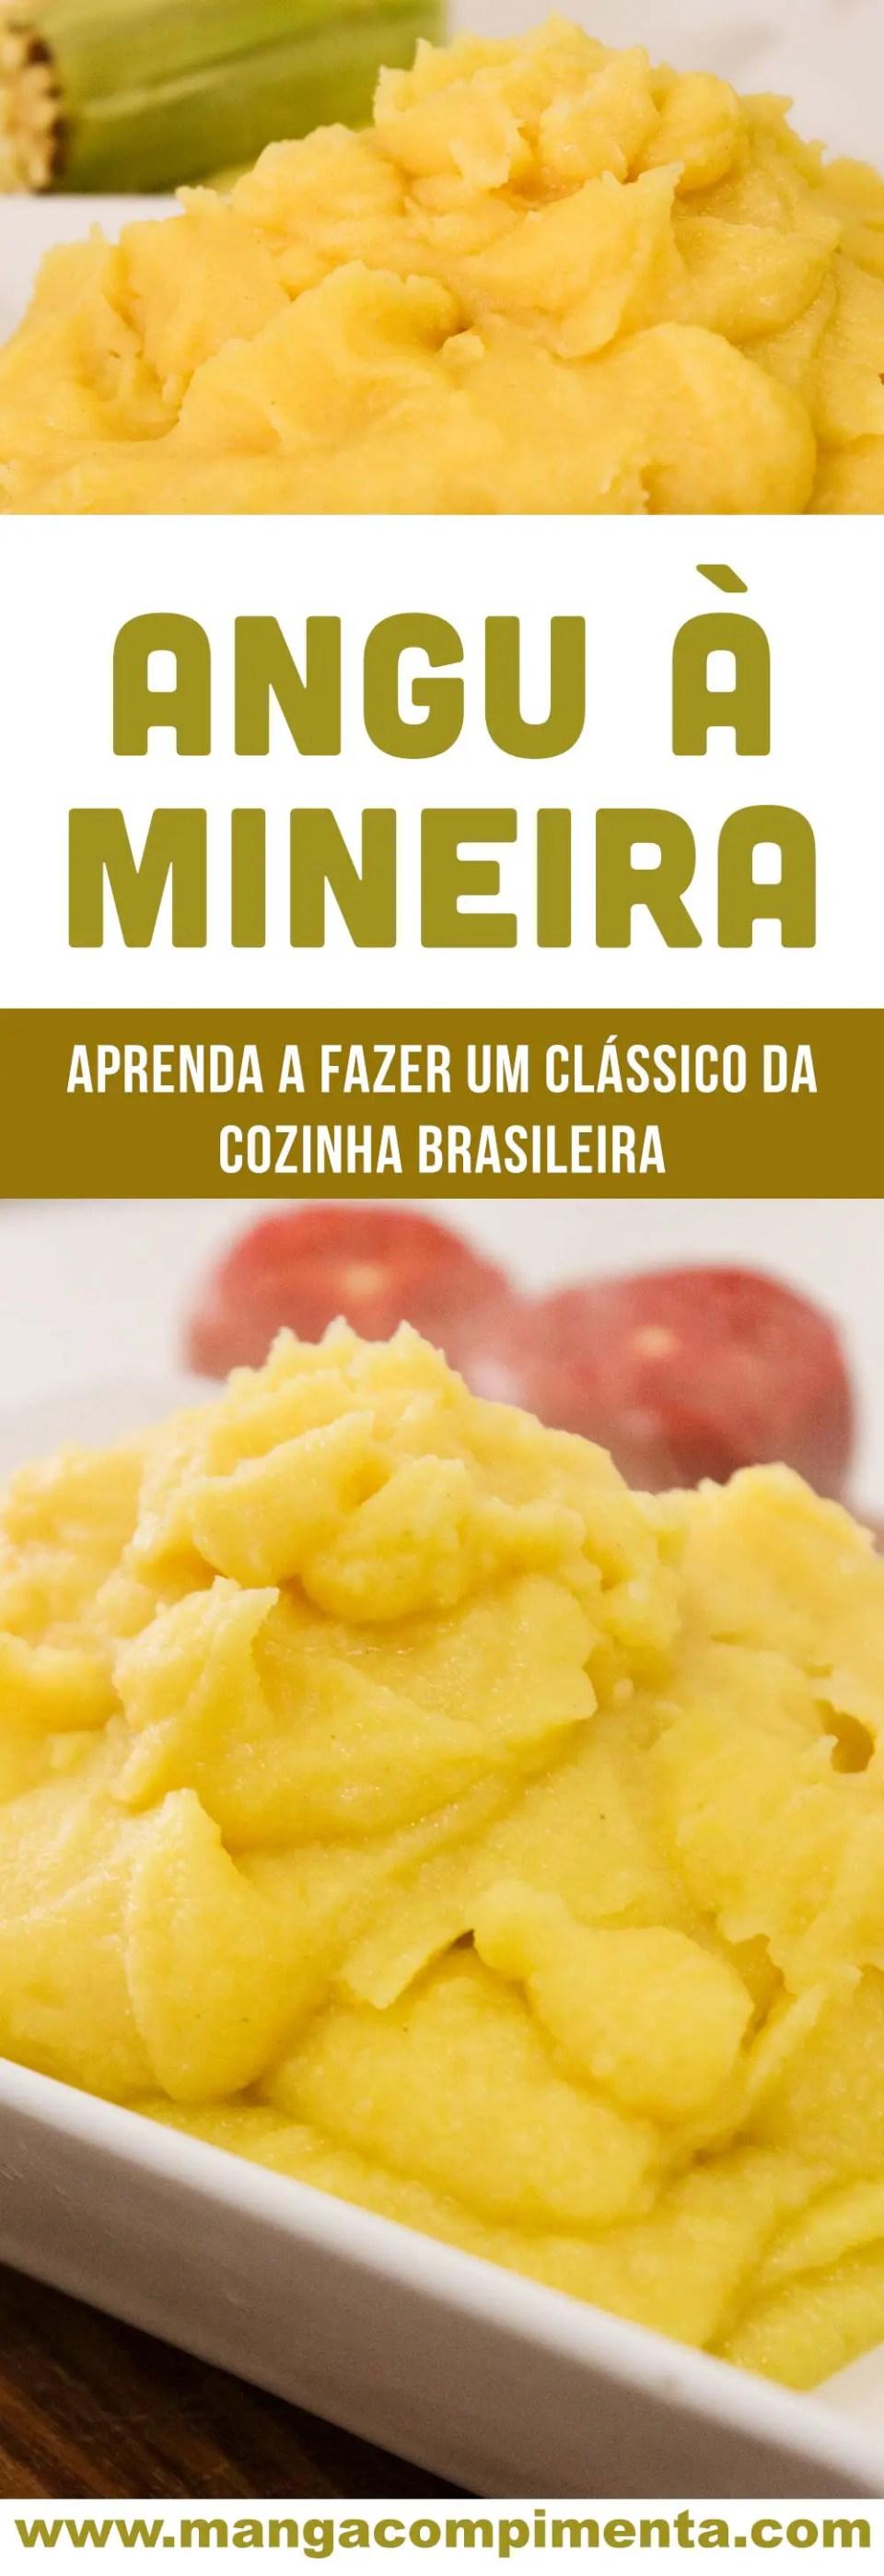 Angu à Mineira - aquela receita tradicional que é super fácil de fazer, perfeito para os dias frios.